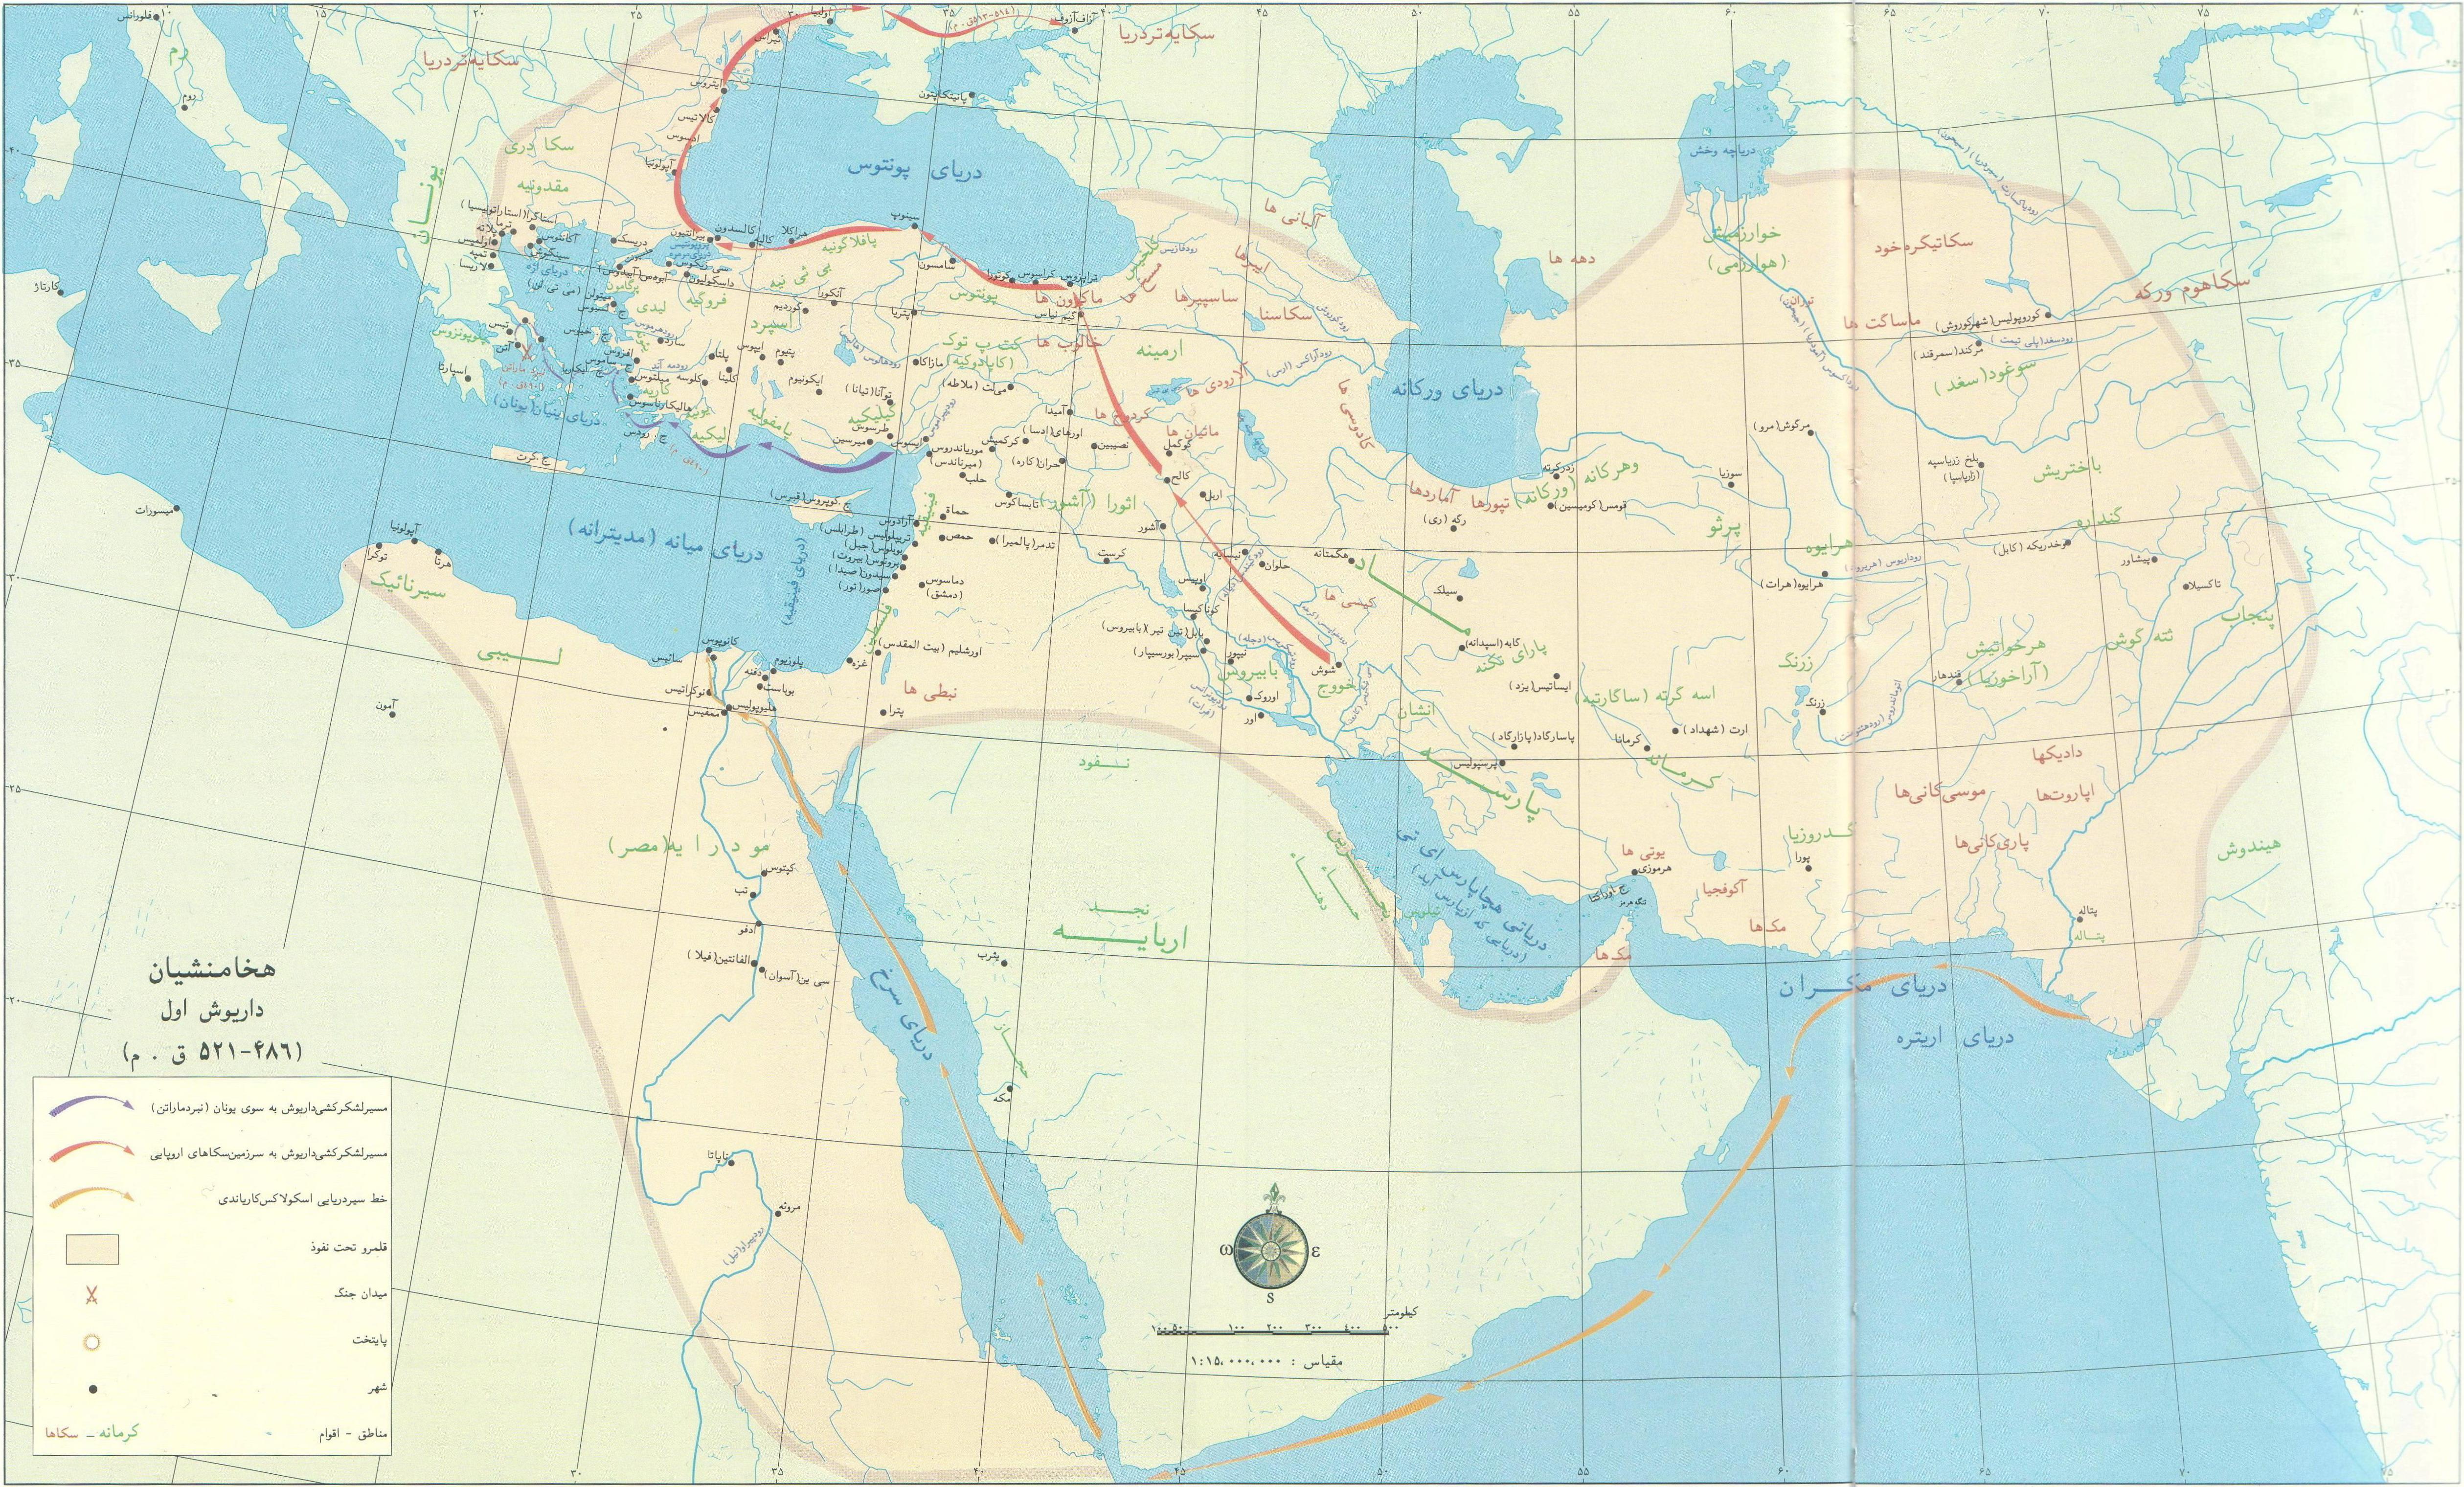 Iran achaemenids darius the greatjpg Atlas of Western